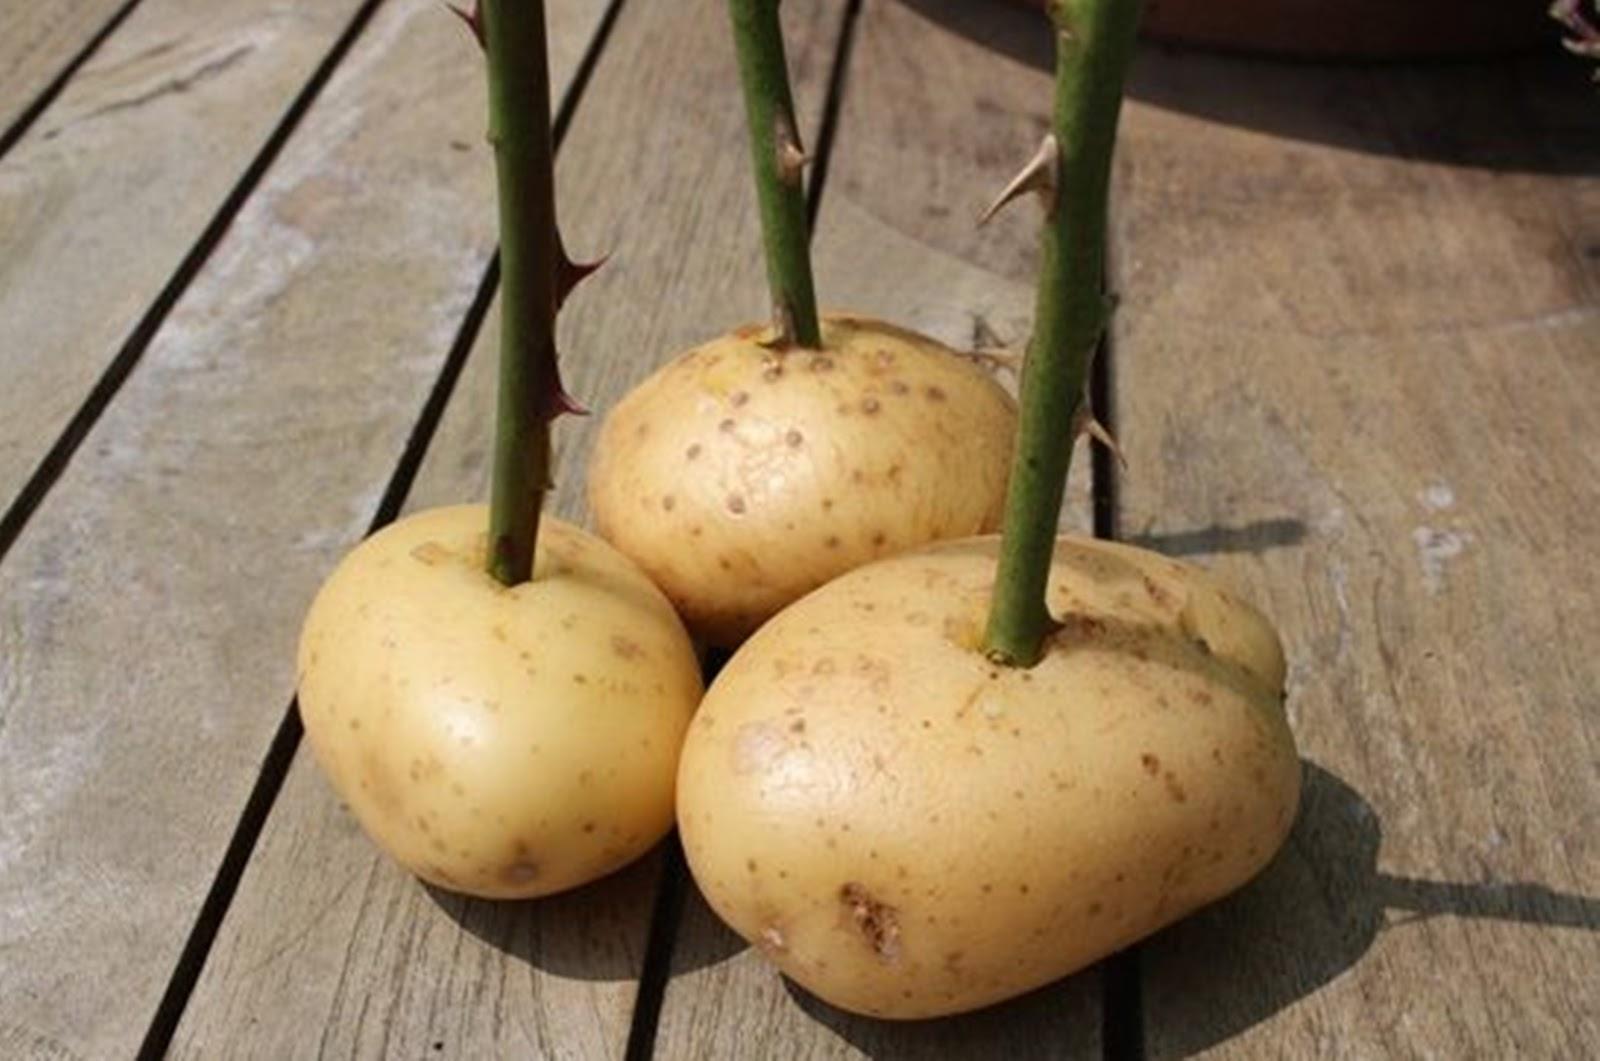 Rüyada Bahçede Topraktan Patates Çıkarmak